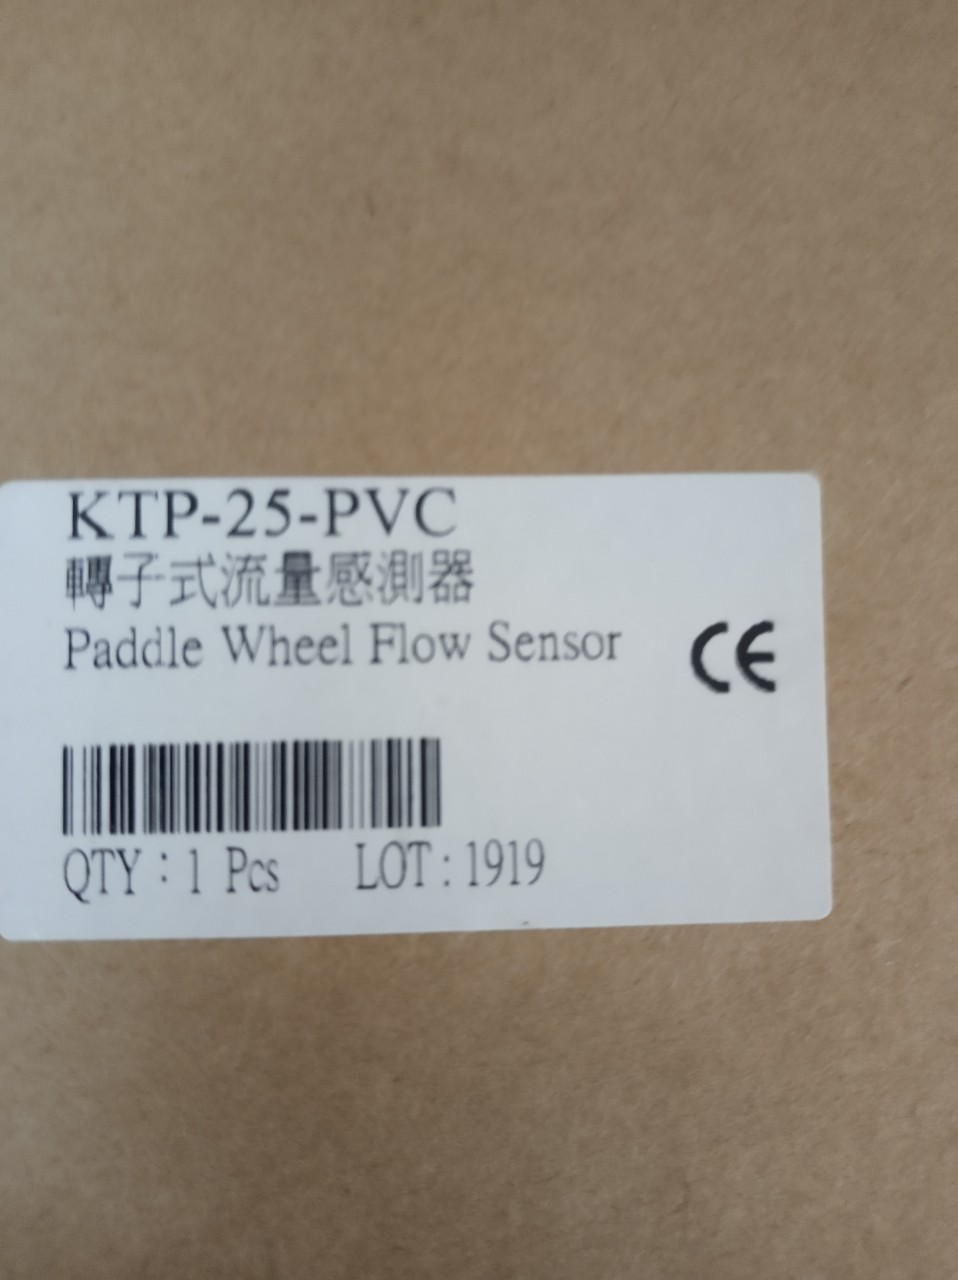 CẢM BIẾN (SENSOR) KTP-25-PVC